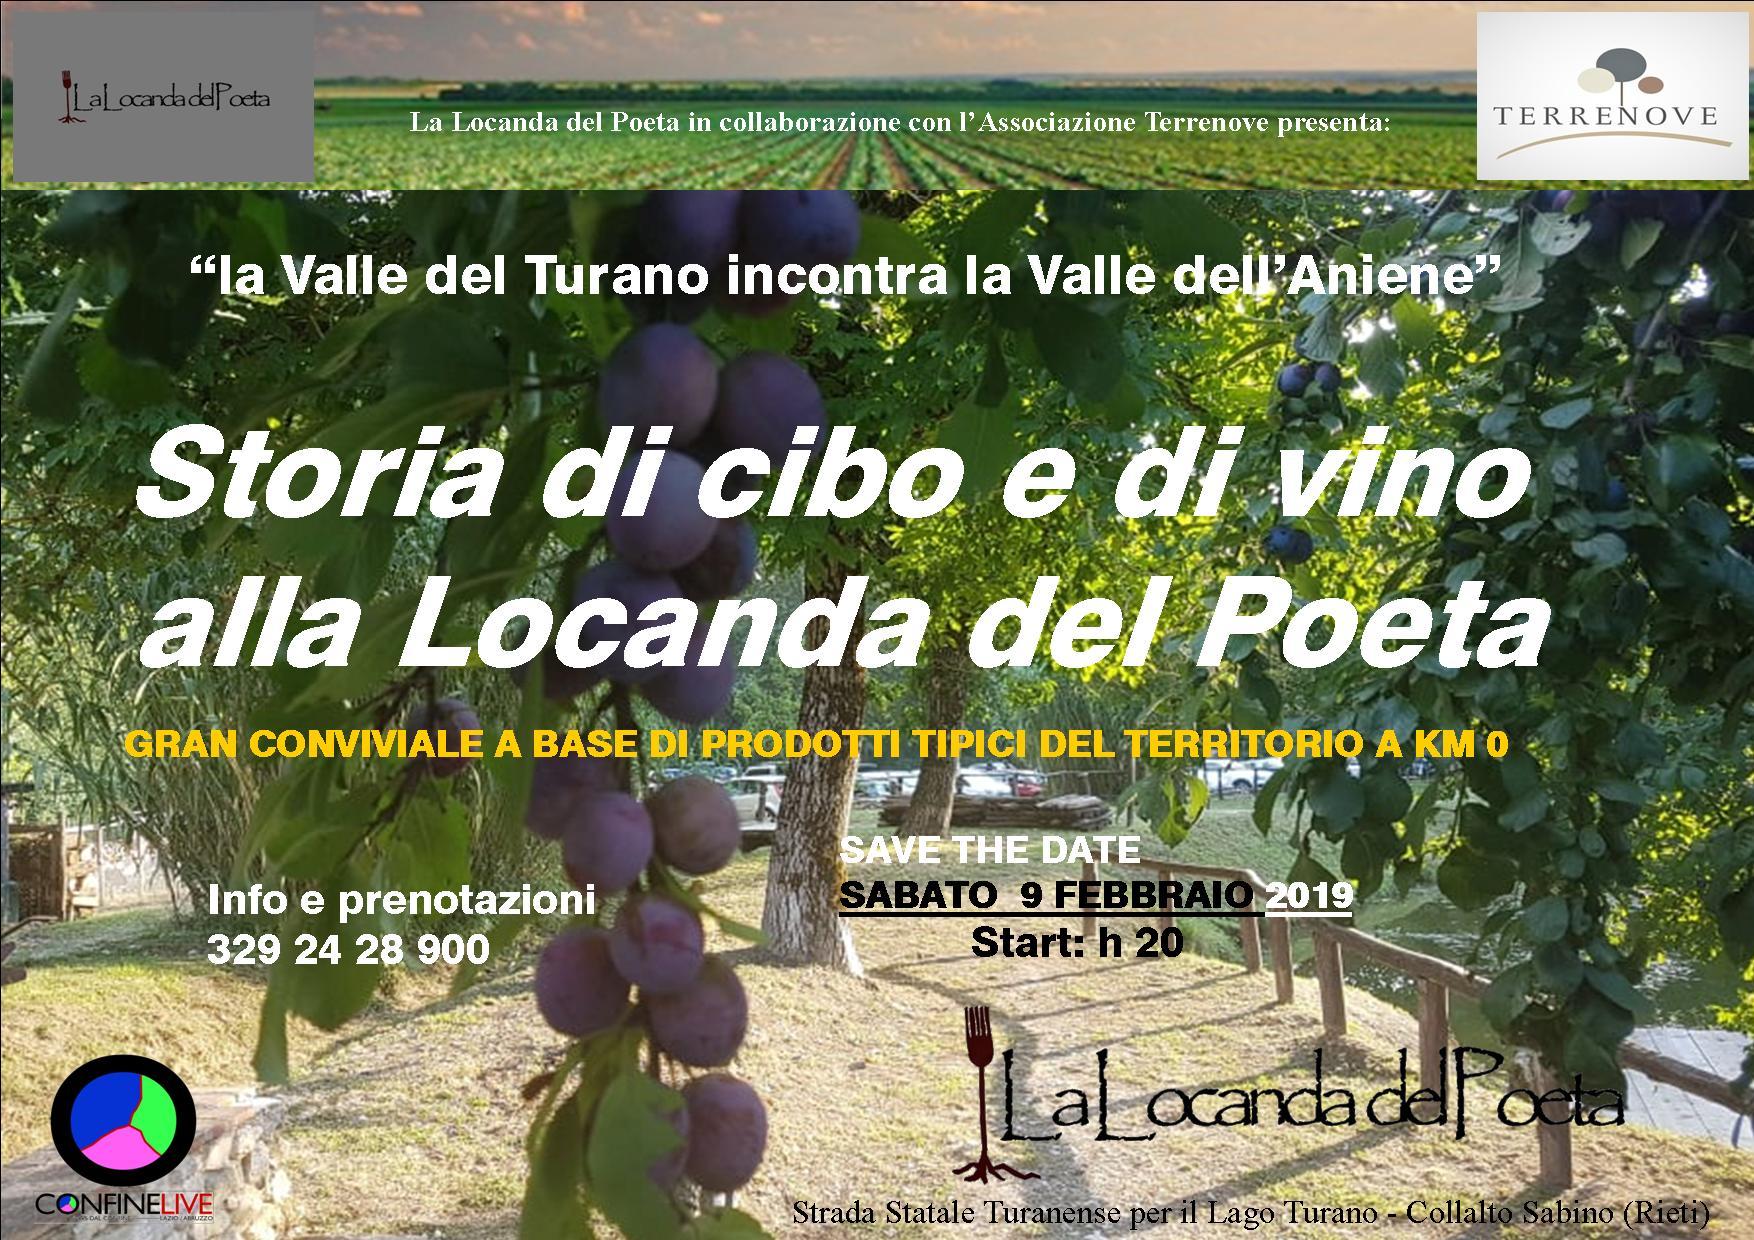 storia di cibo e di vino locanda del poeta composta